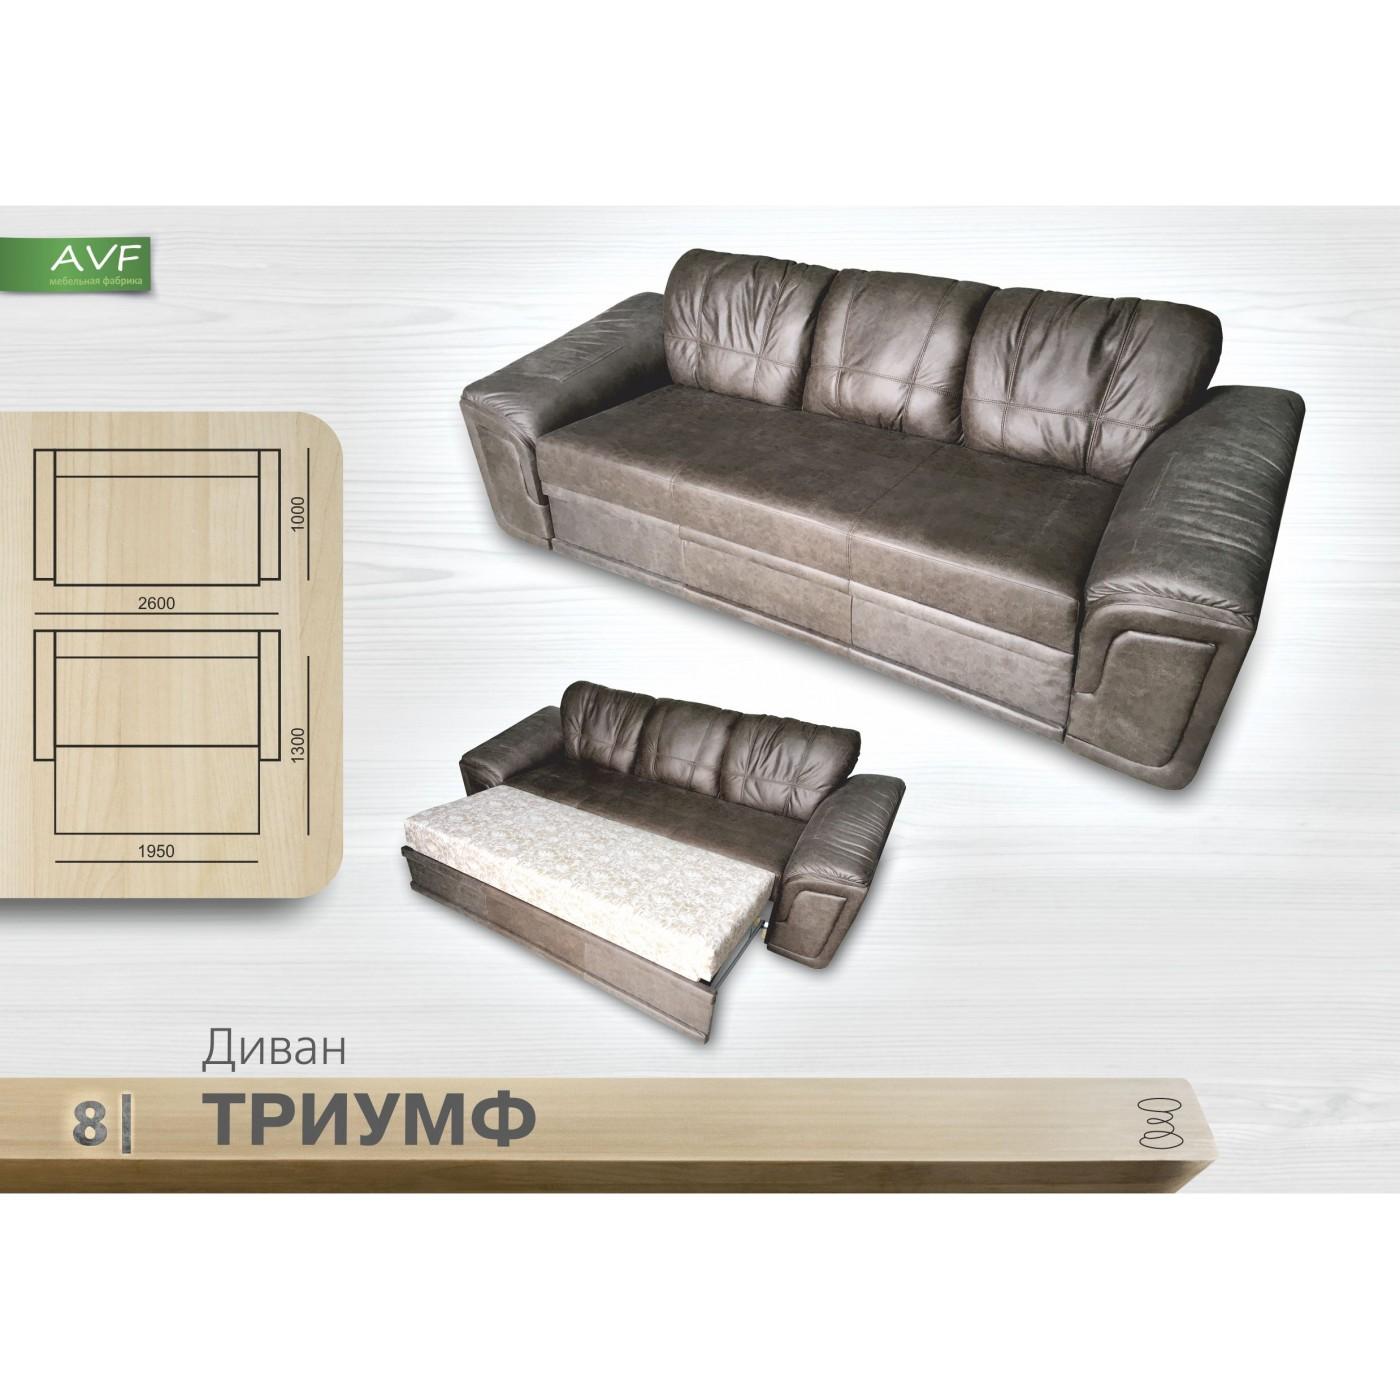 """Диван """"Триумф"""" (пружинный блок)"""